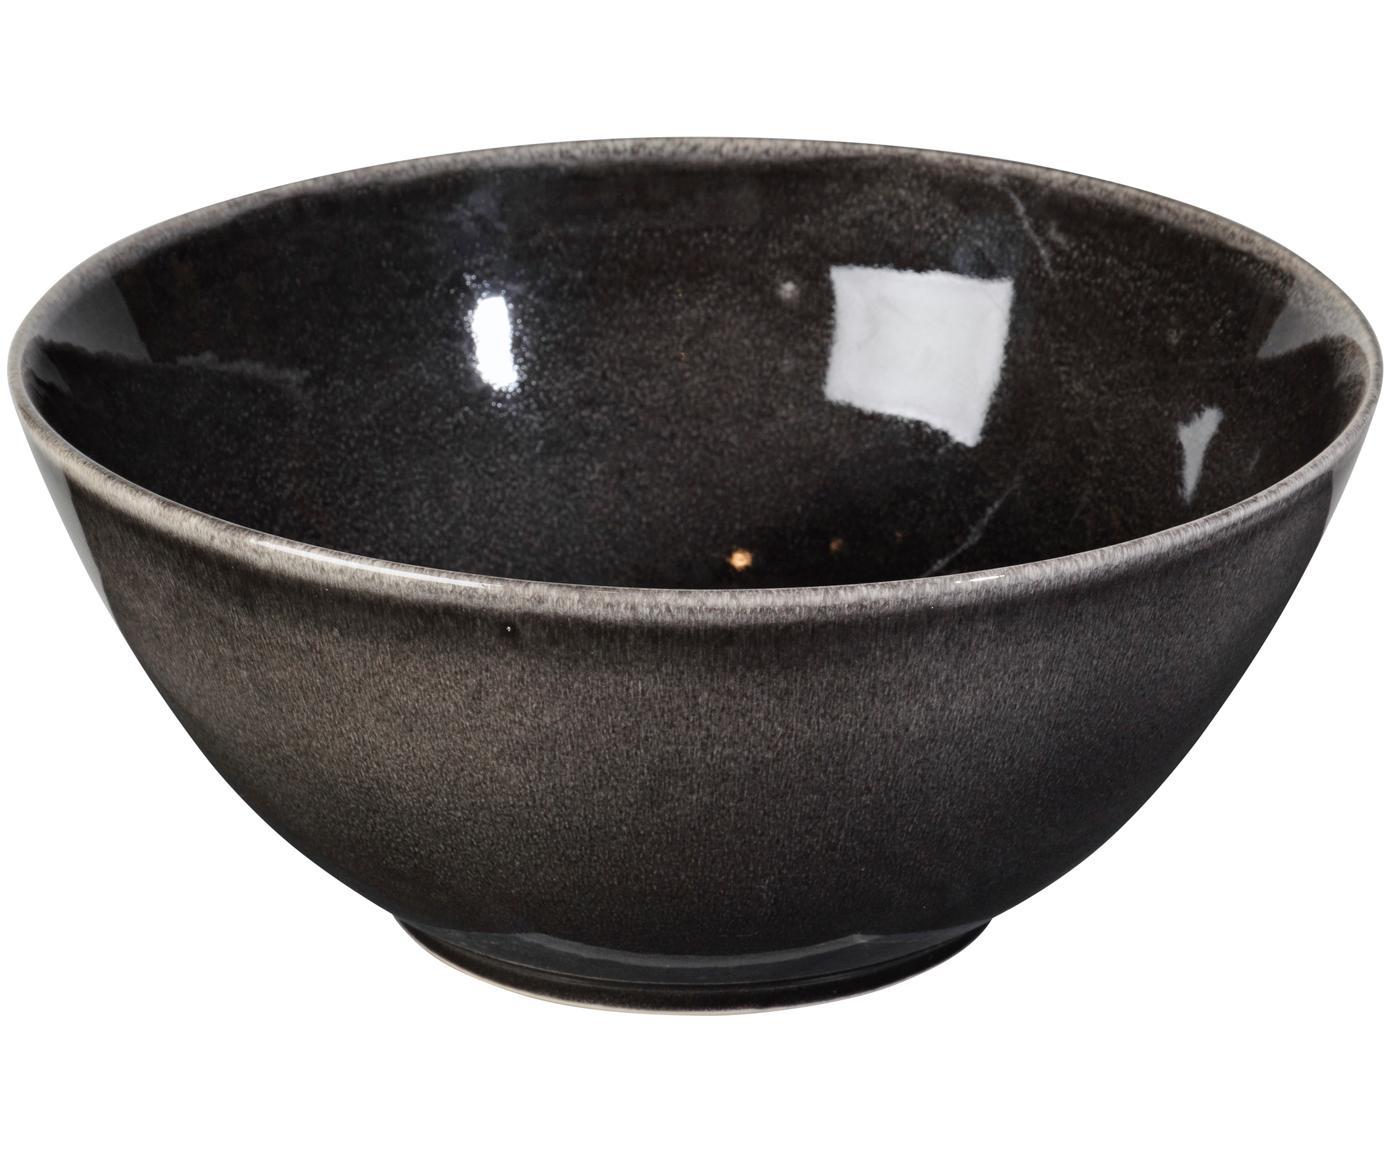 Handgemachte Servierschüssel Nordic Coal Ø 25 cm aus Steingut, Steingut, Bräunlich, Ø 25 x H 11 cm